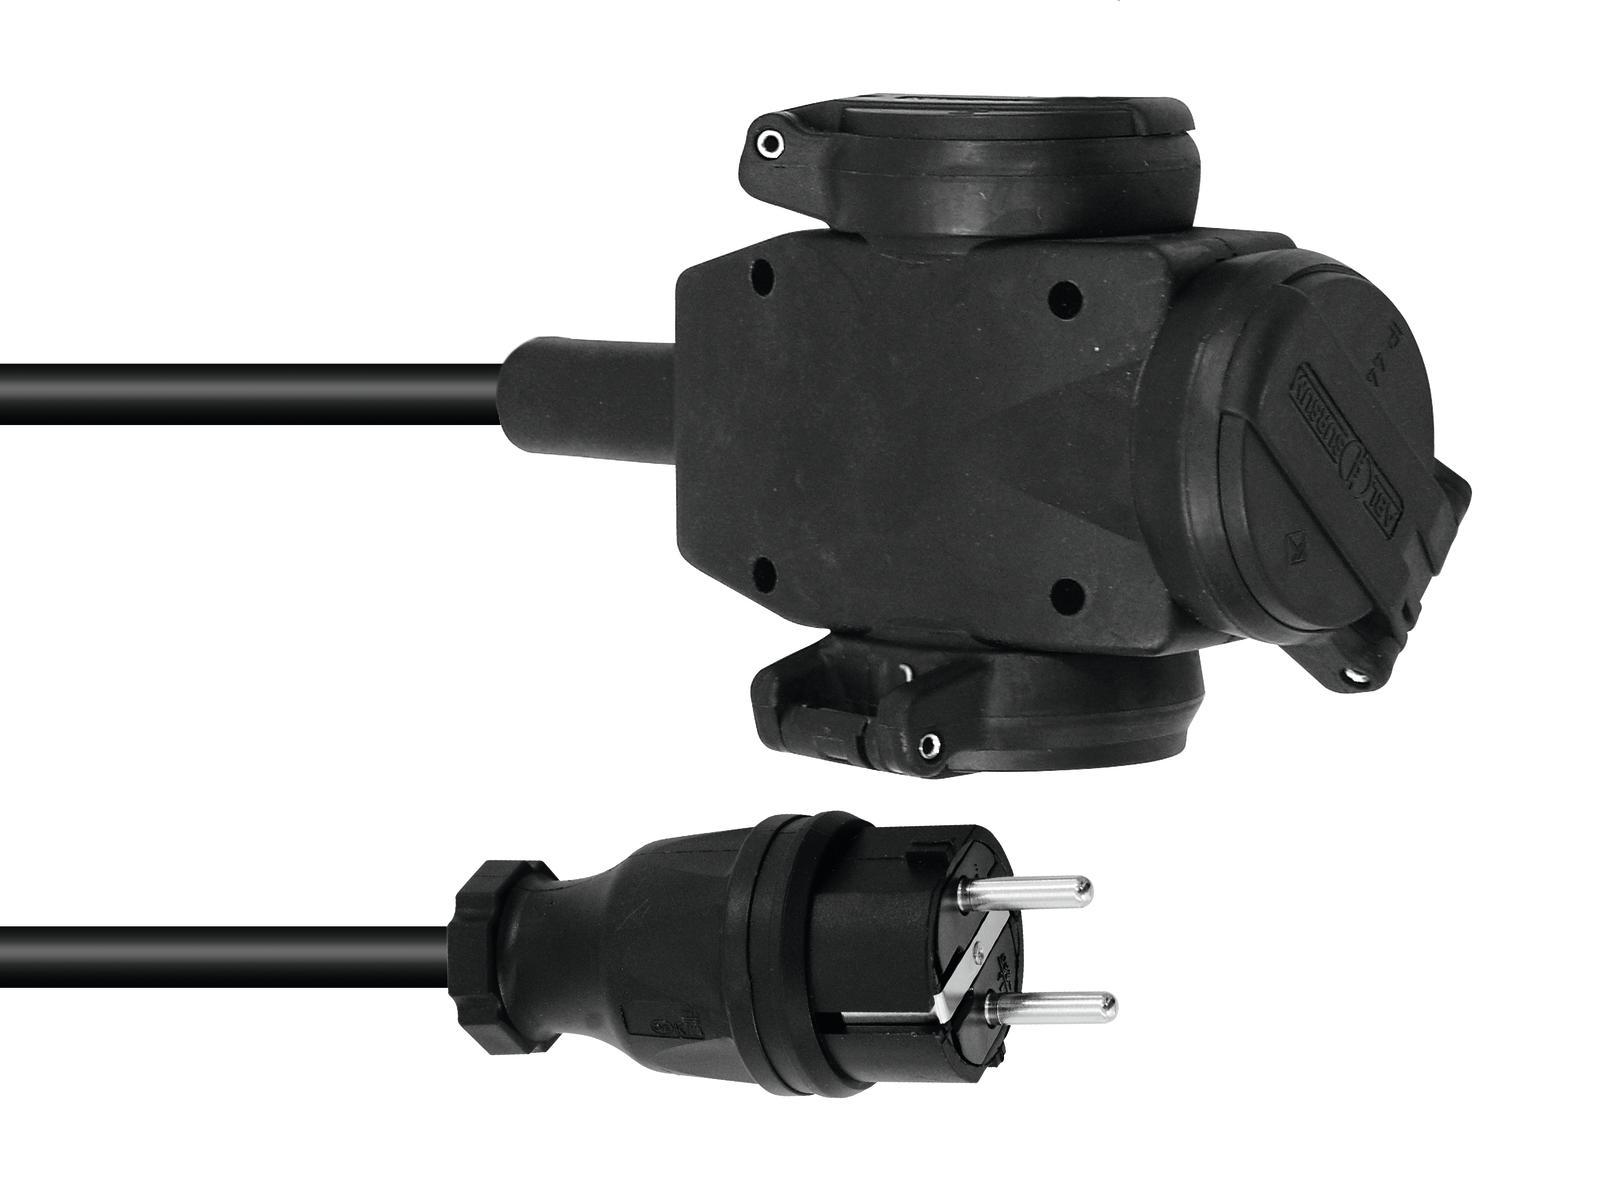 Prodlužovací kabel 3x2,5, délka 10m, 3x zásuvka